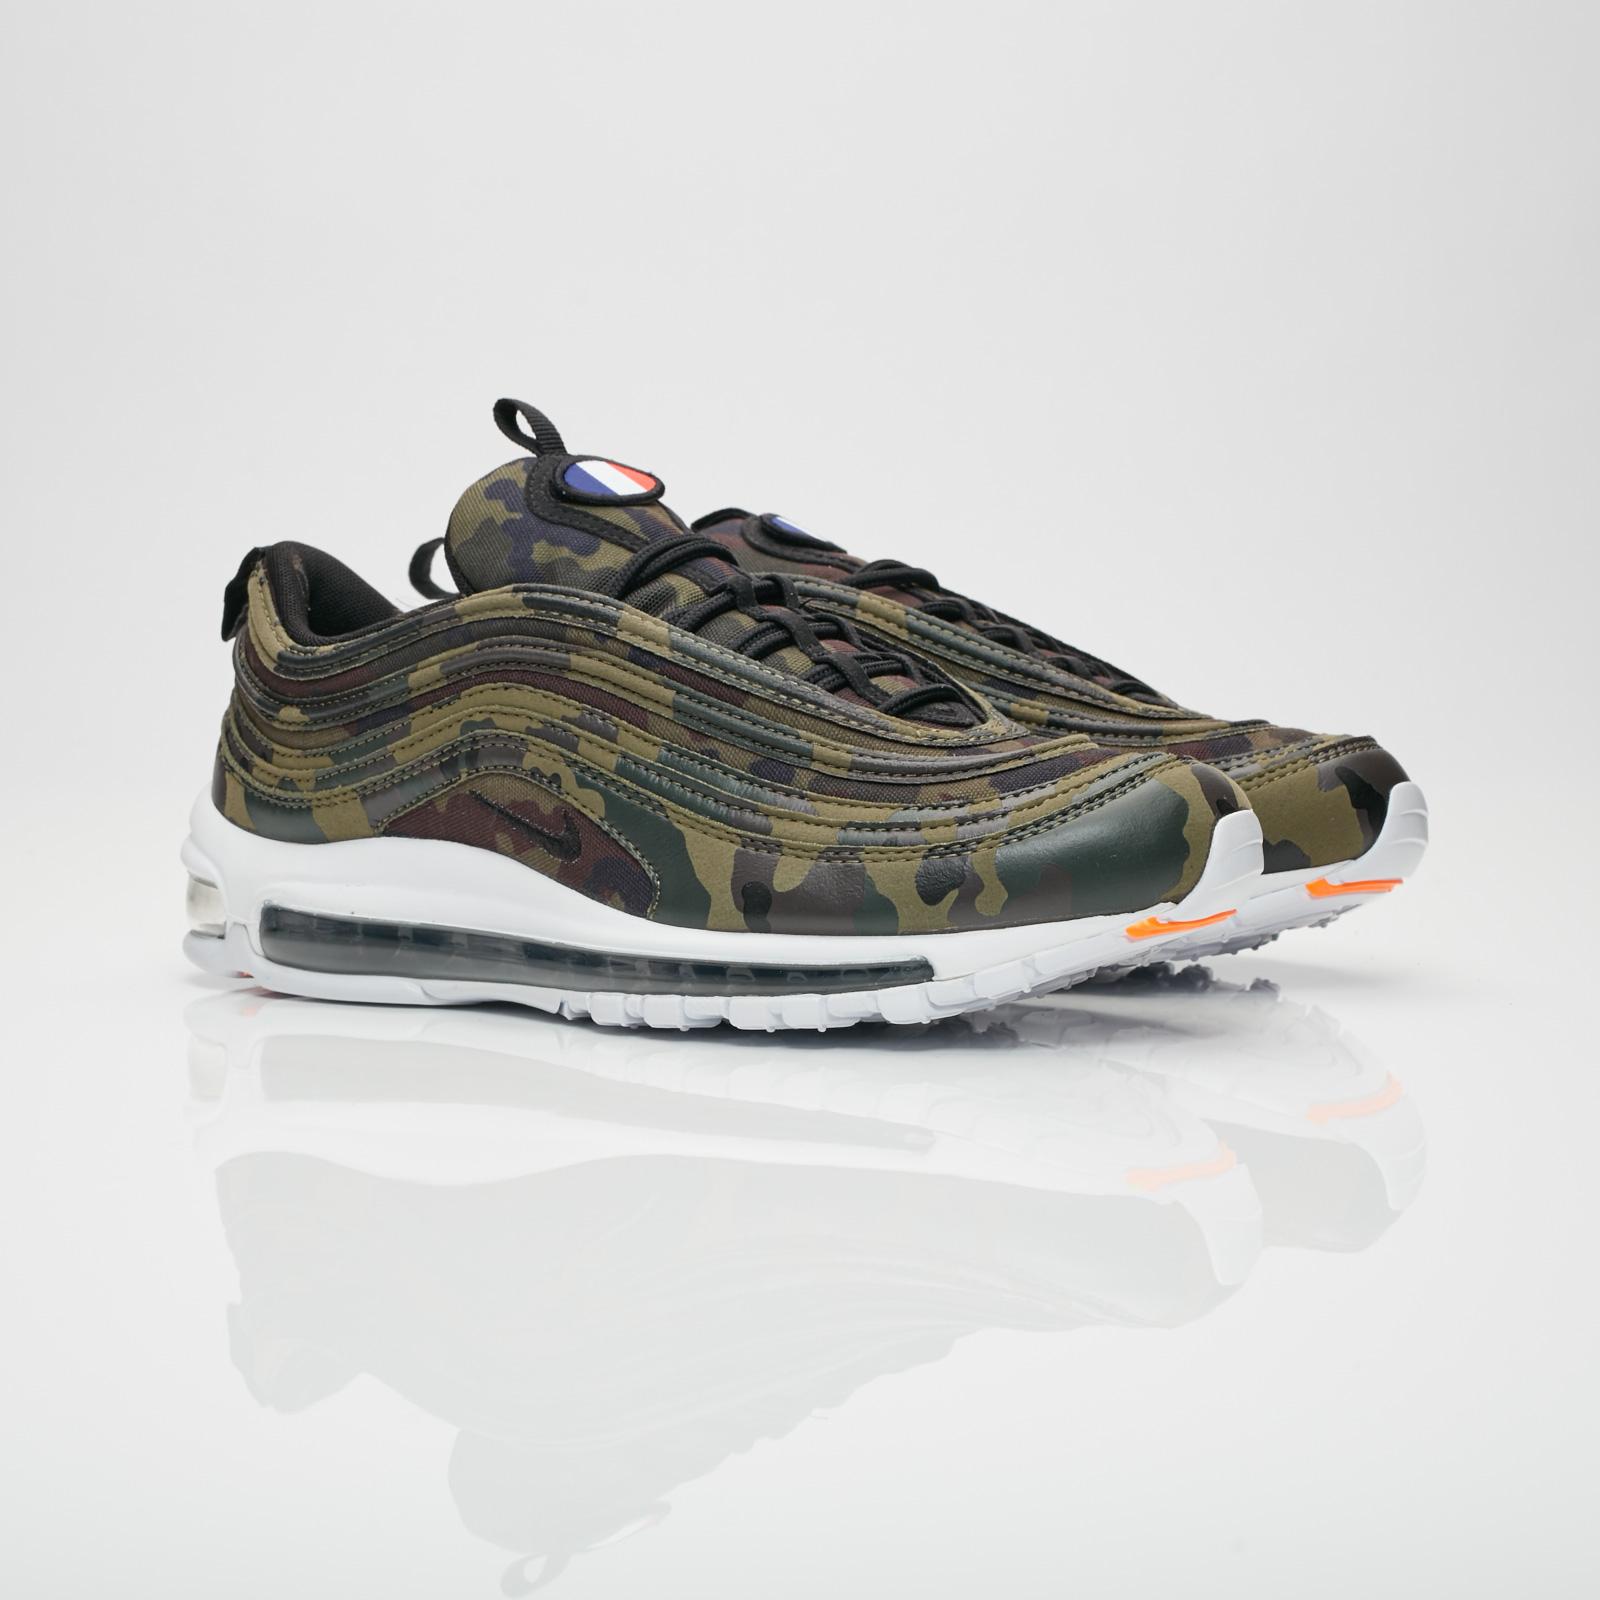 sale retailer fb75b 2eb5b Nike Sportswear Air Max 97 Premium QS Country Camo Pack